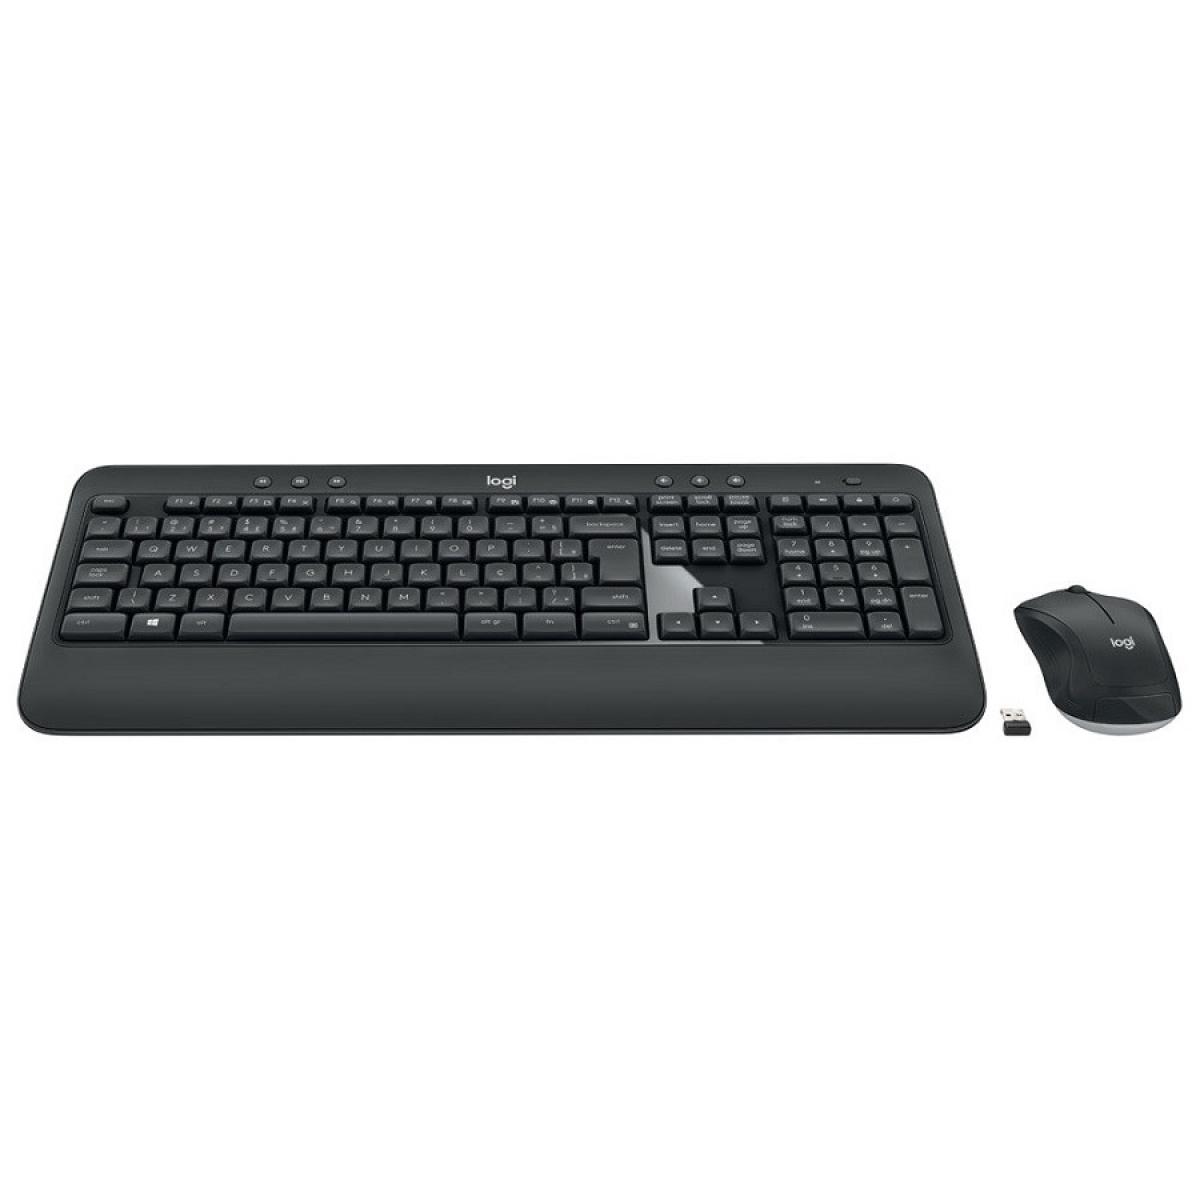 Combo Teclado e Mouse Logitech MK540 Advanced Sem Fio ABNT2 Preto